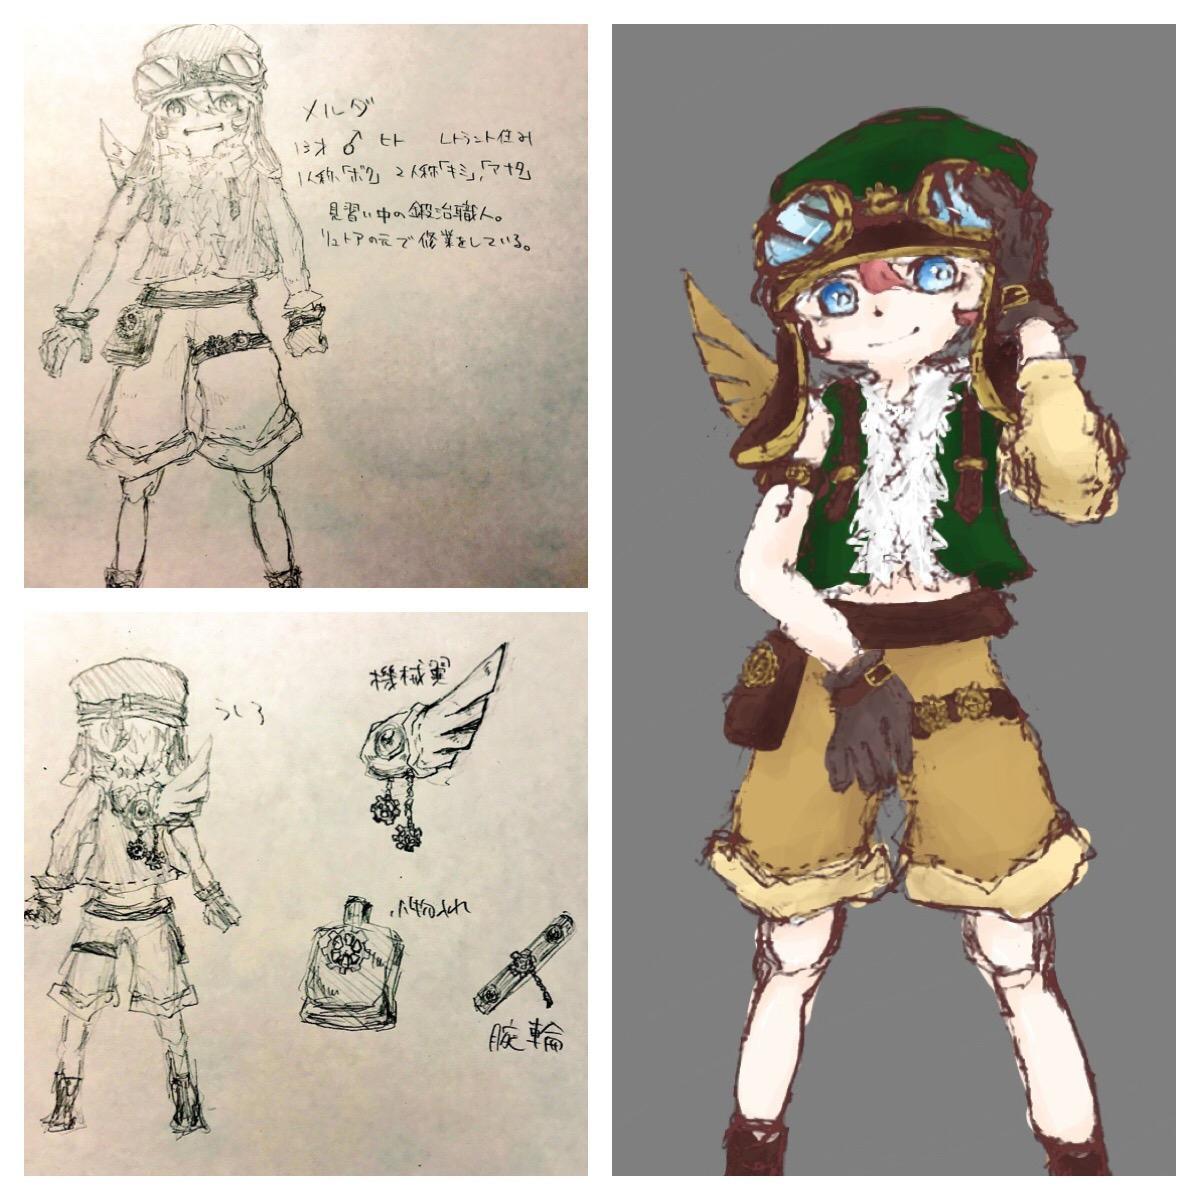 オリジナルキャラクター作成します イメージをイラストにしたい方へ